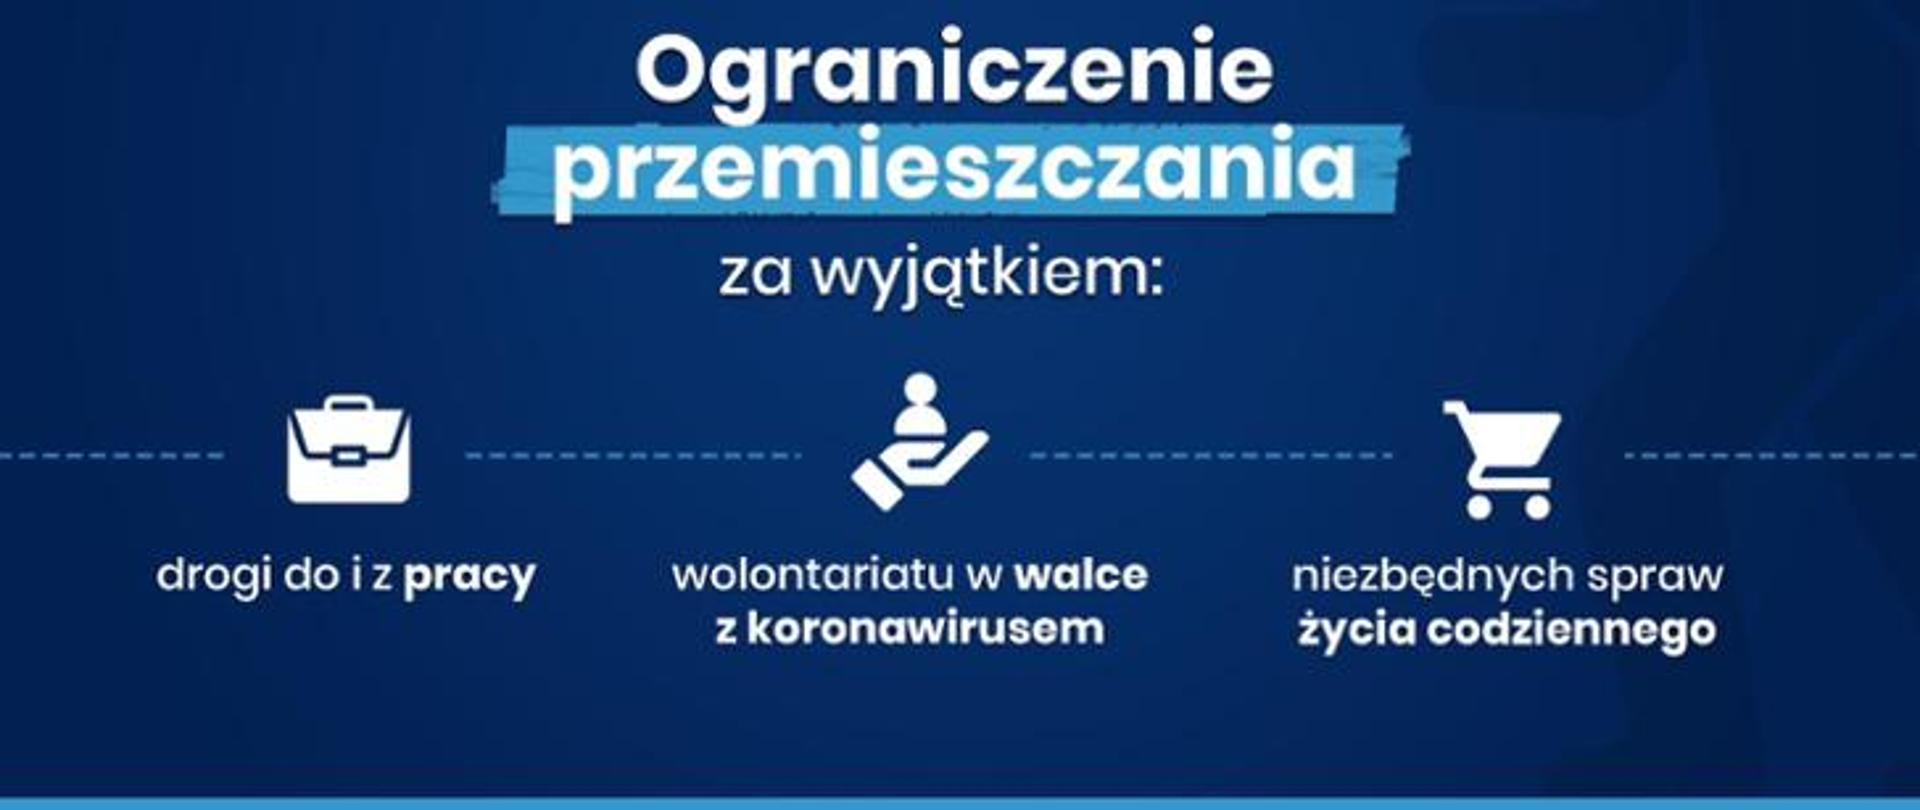 Wprowadzamy nowe zasady bezpieczeństwa w związku z koronawirusem